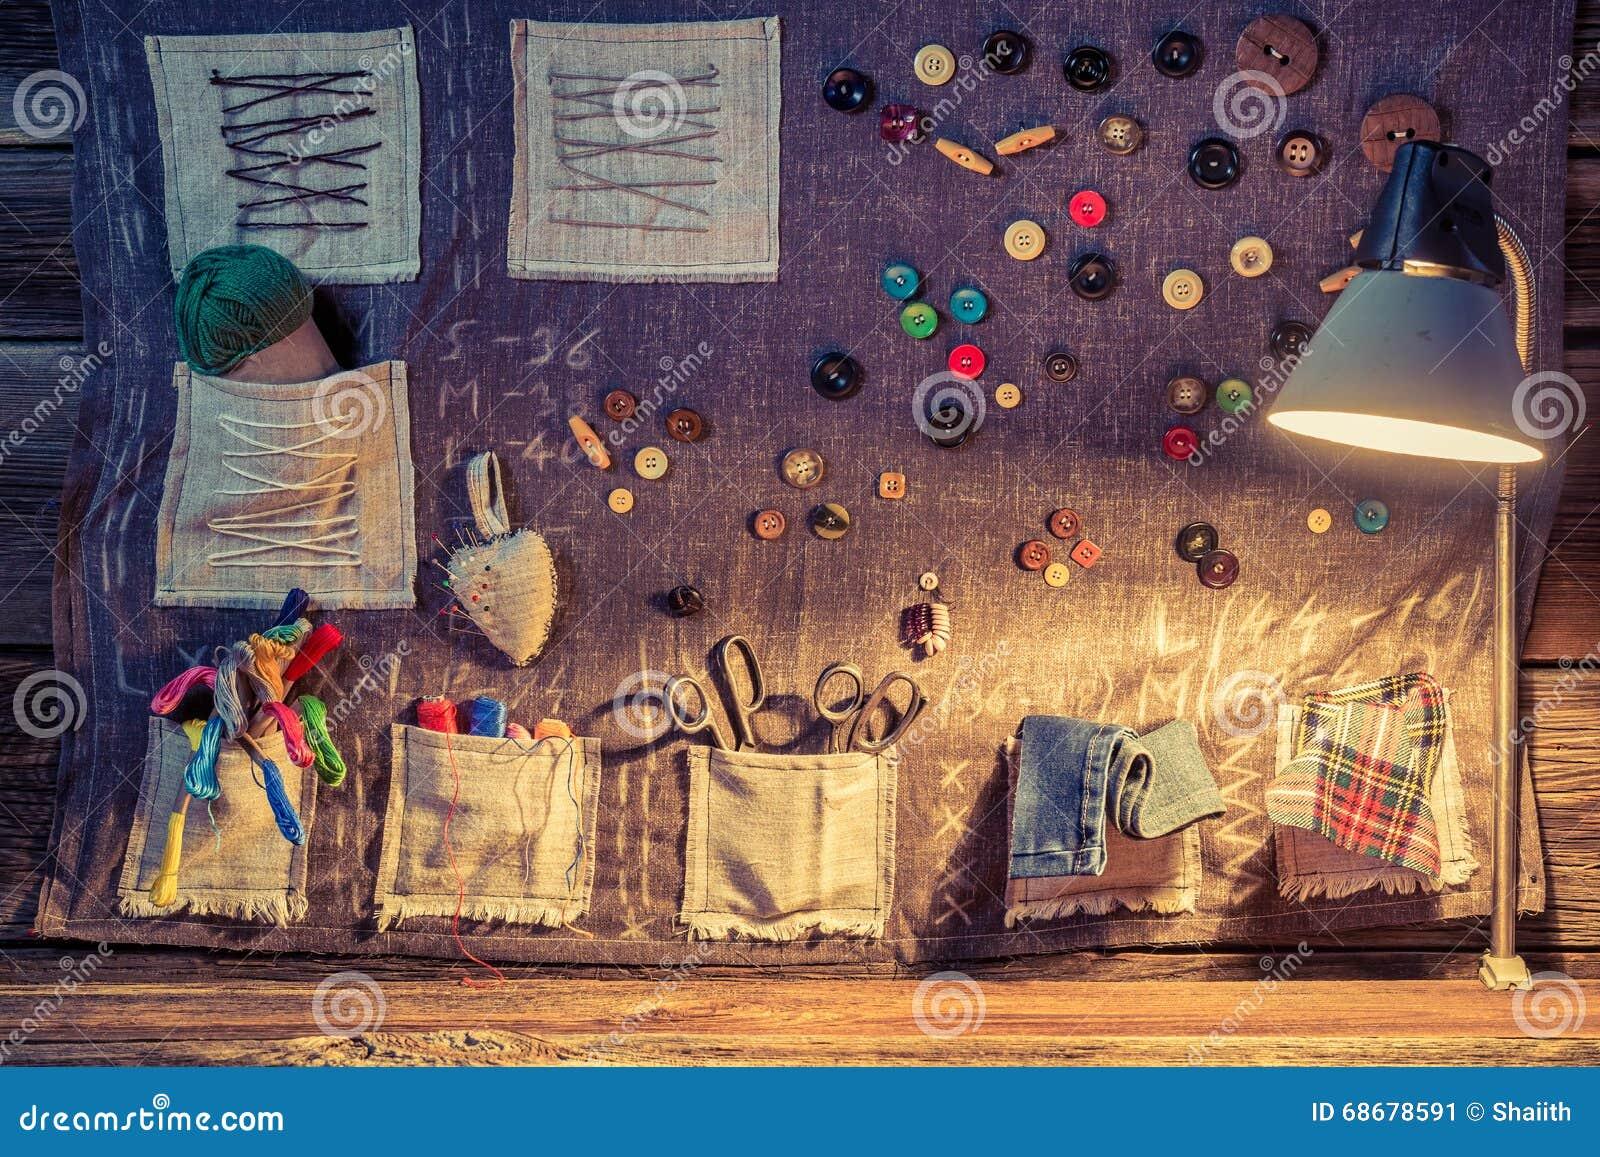 Pano da costura com tesouras, linhas e agulhas na oficina do alfaiate